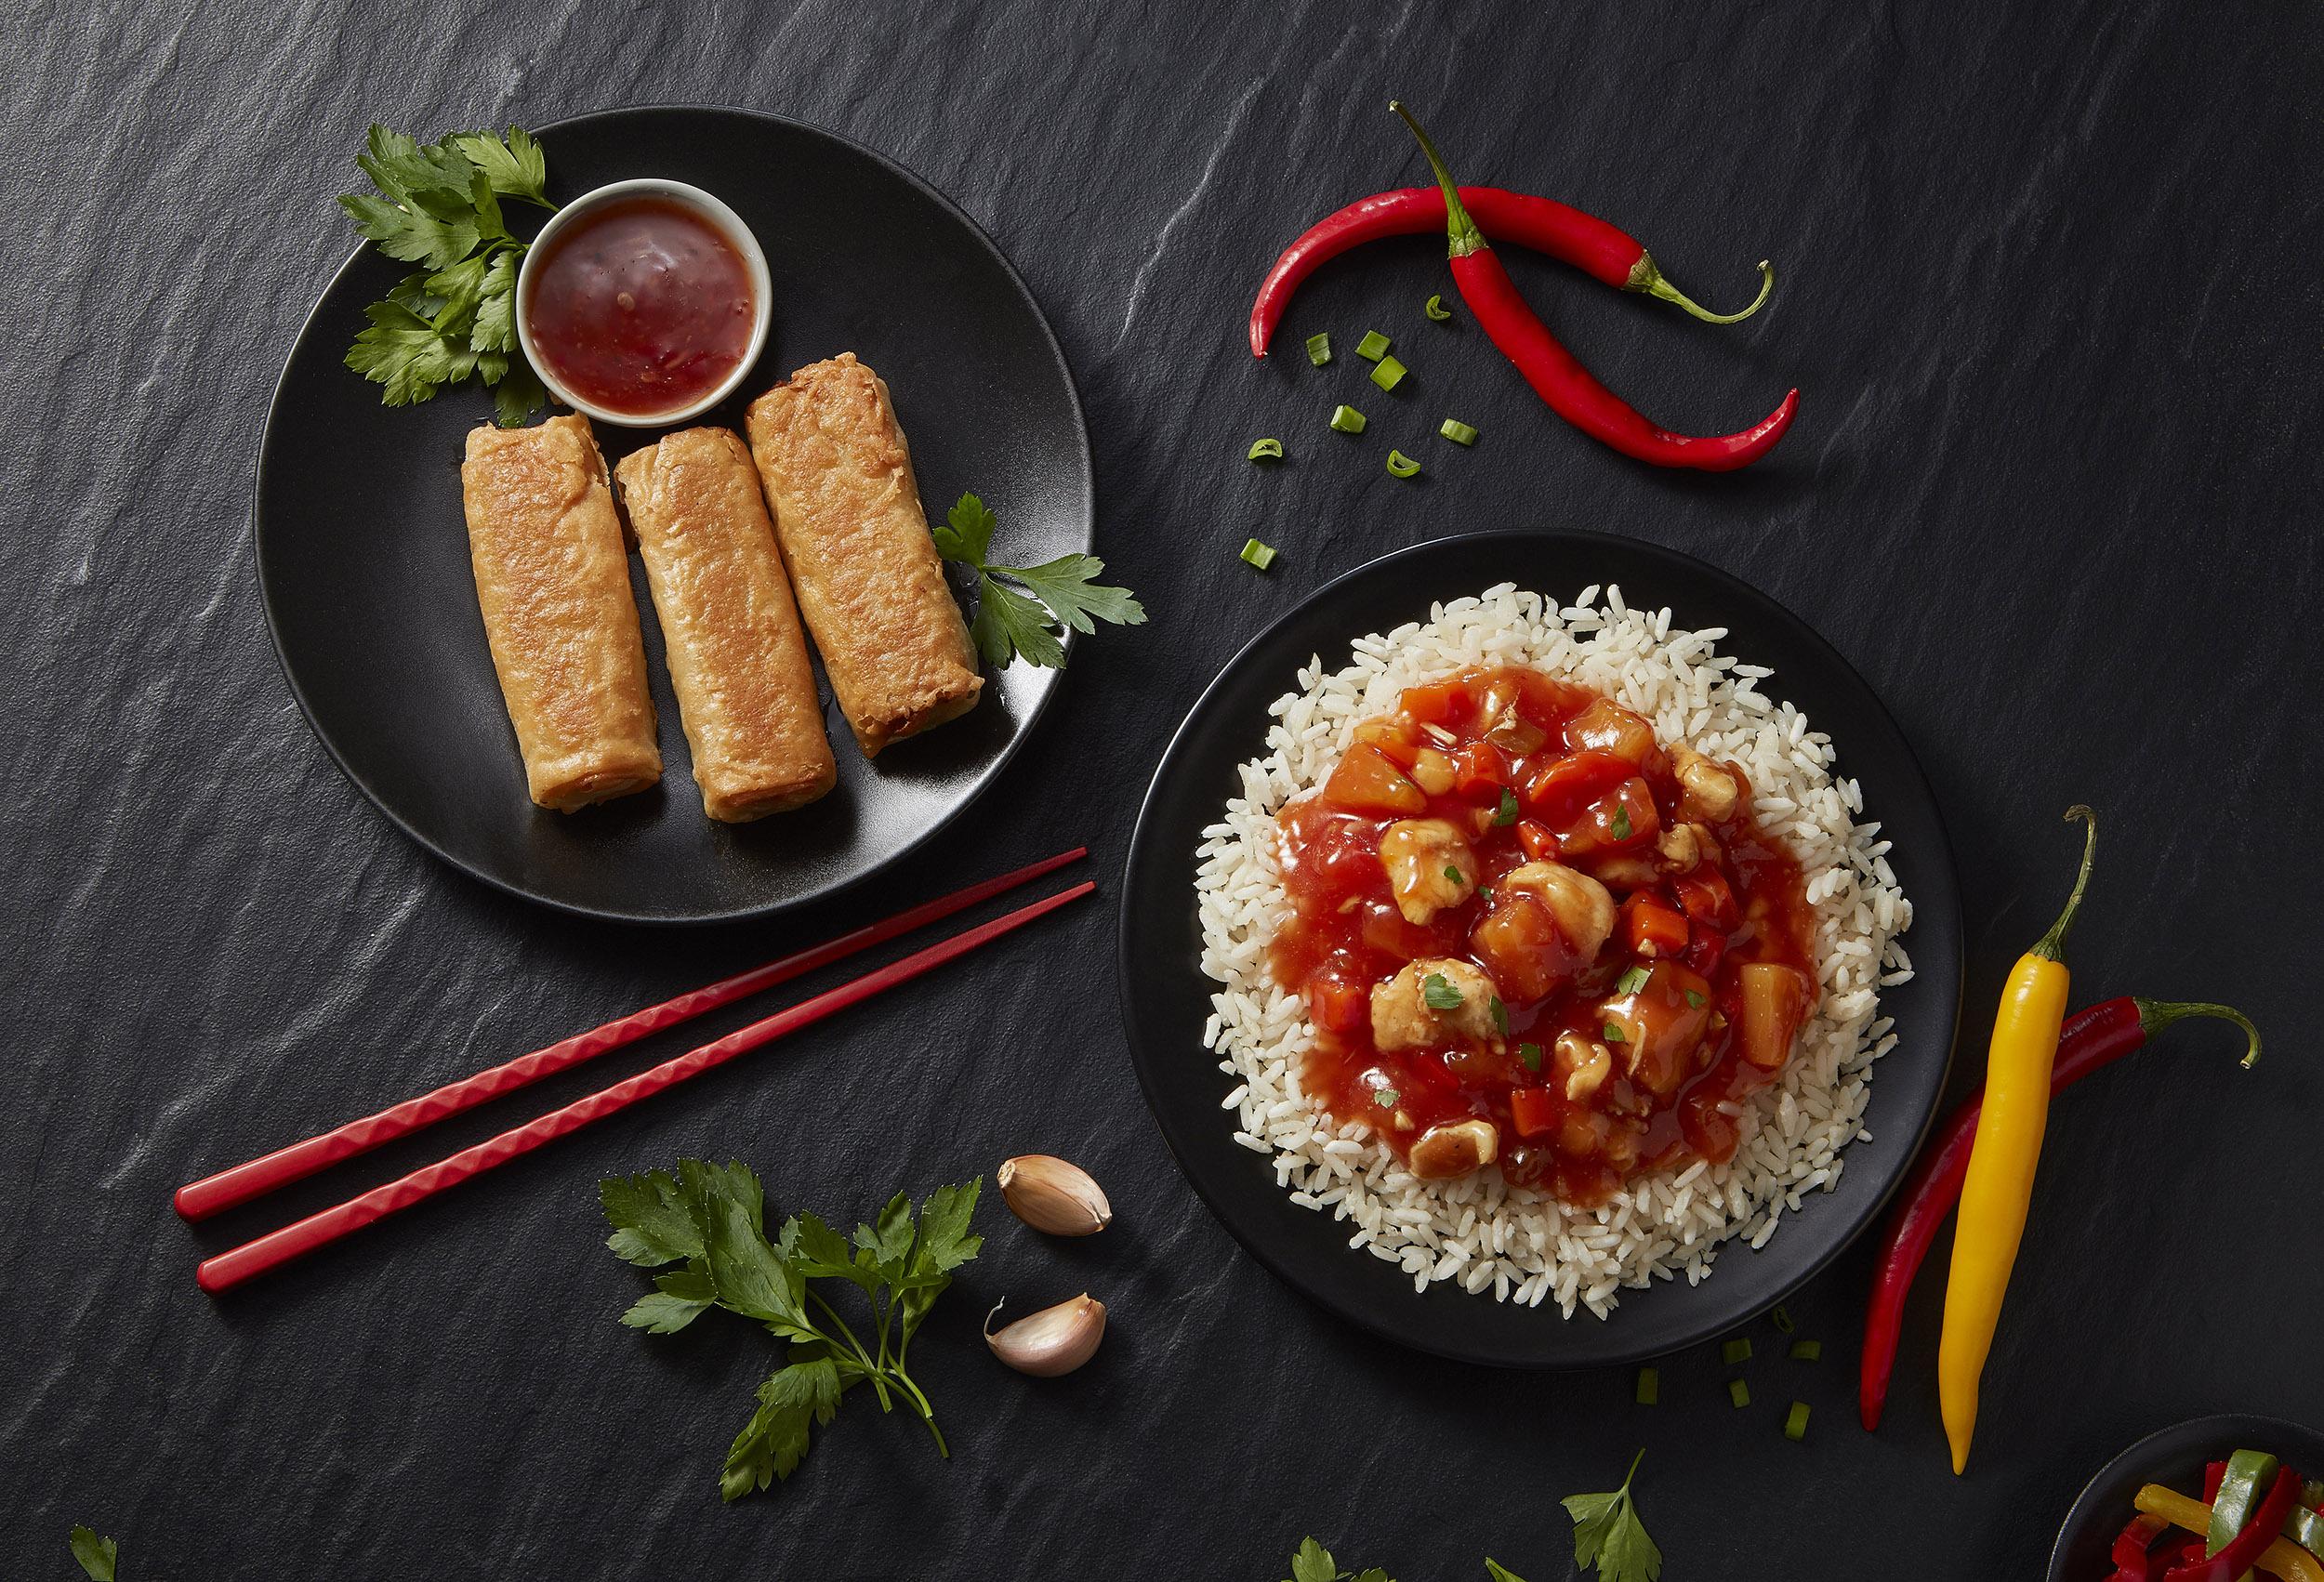 sajgonki z warzywami i kurczak słodko kwsany z ryżem